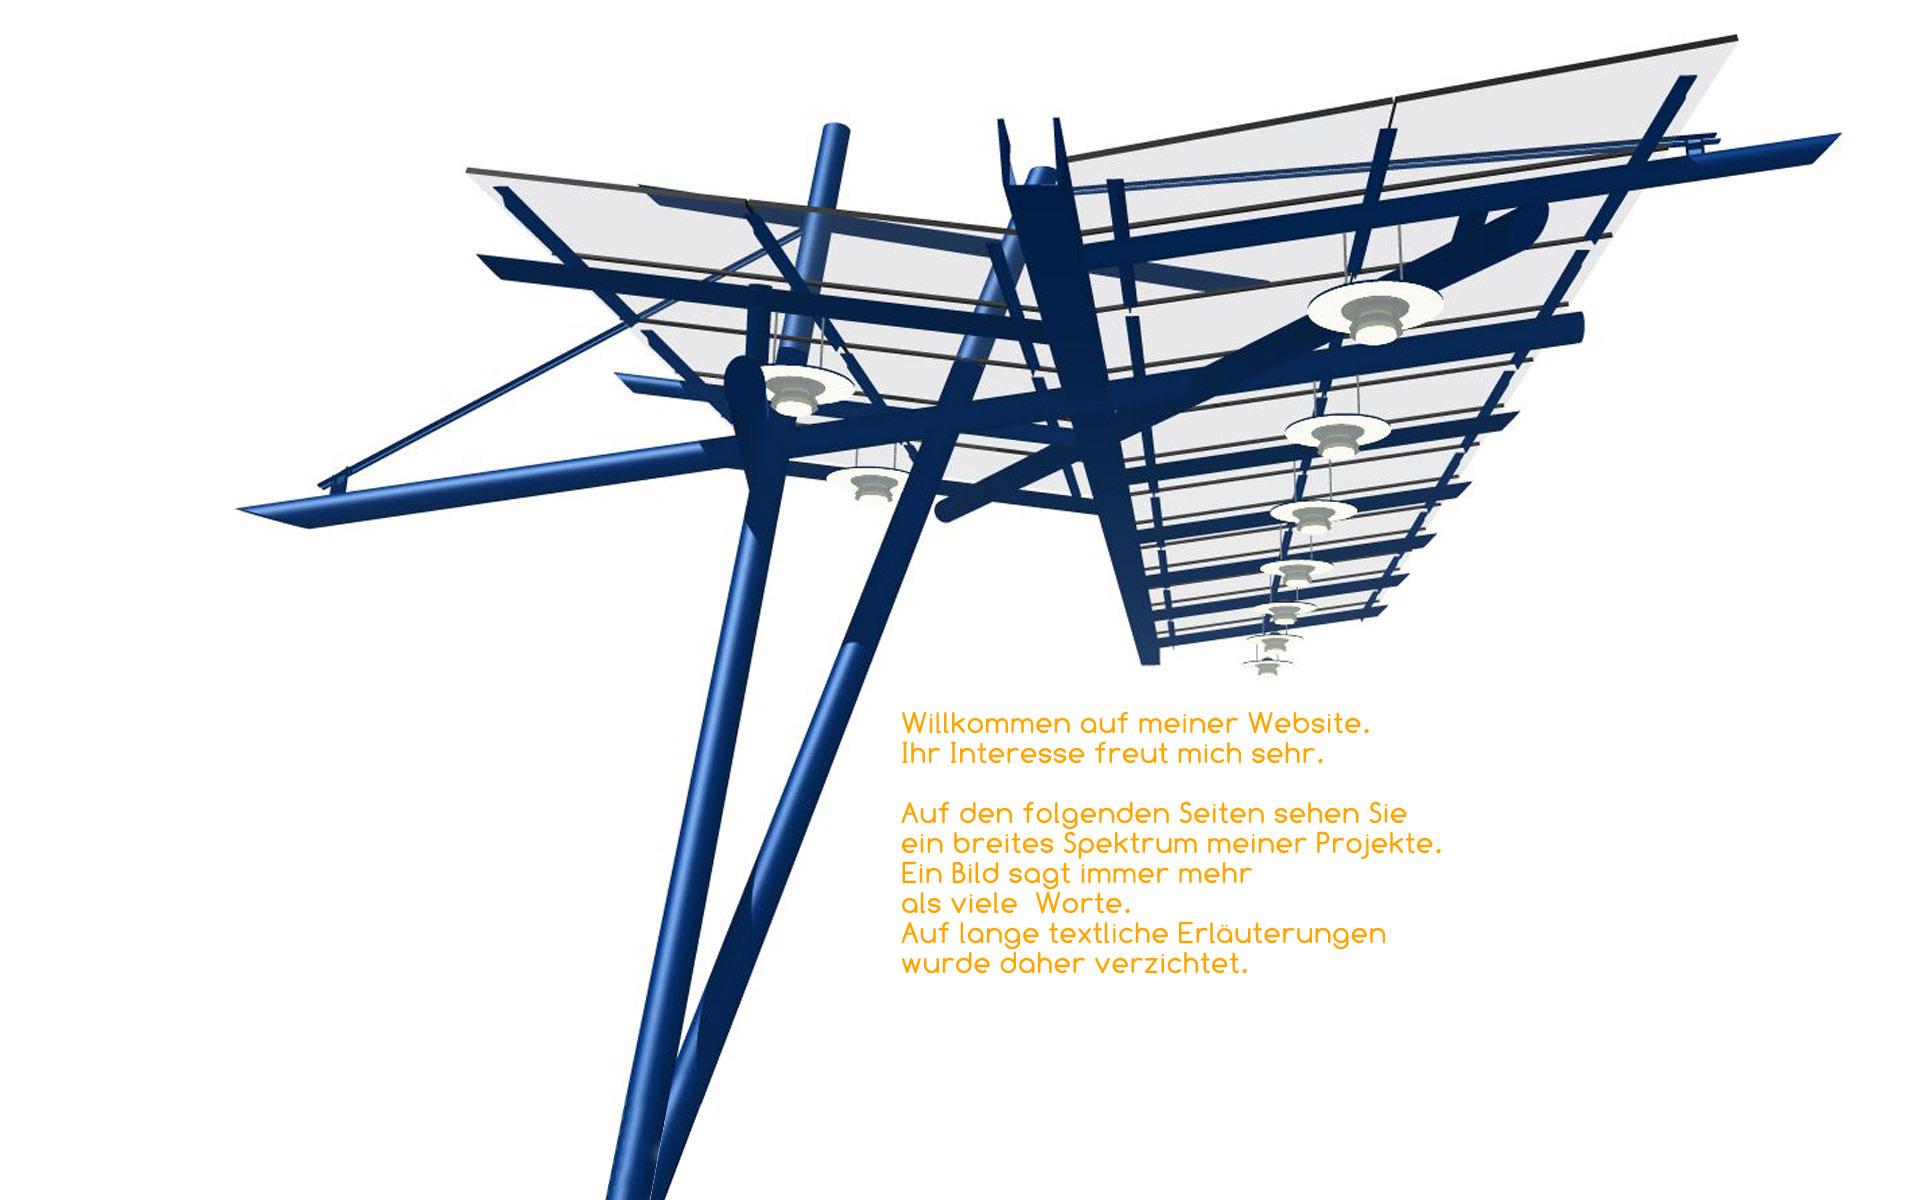 Der Architekt Heiner Huy aus Hamburg stellt seine Arbeiten vor. Seine Fachgebiete sind die Planung von Wohnhäusern und Gewerbebauten, Umbau und Sanierungen.